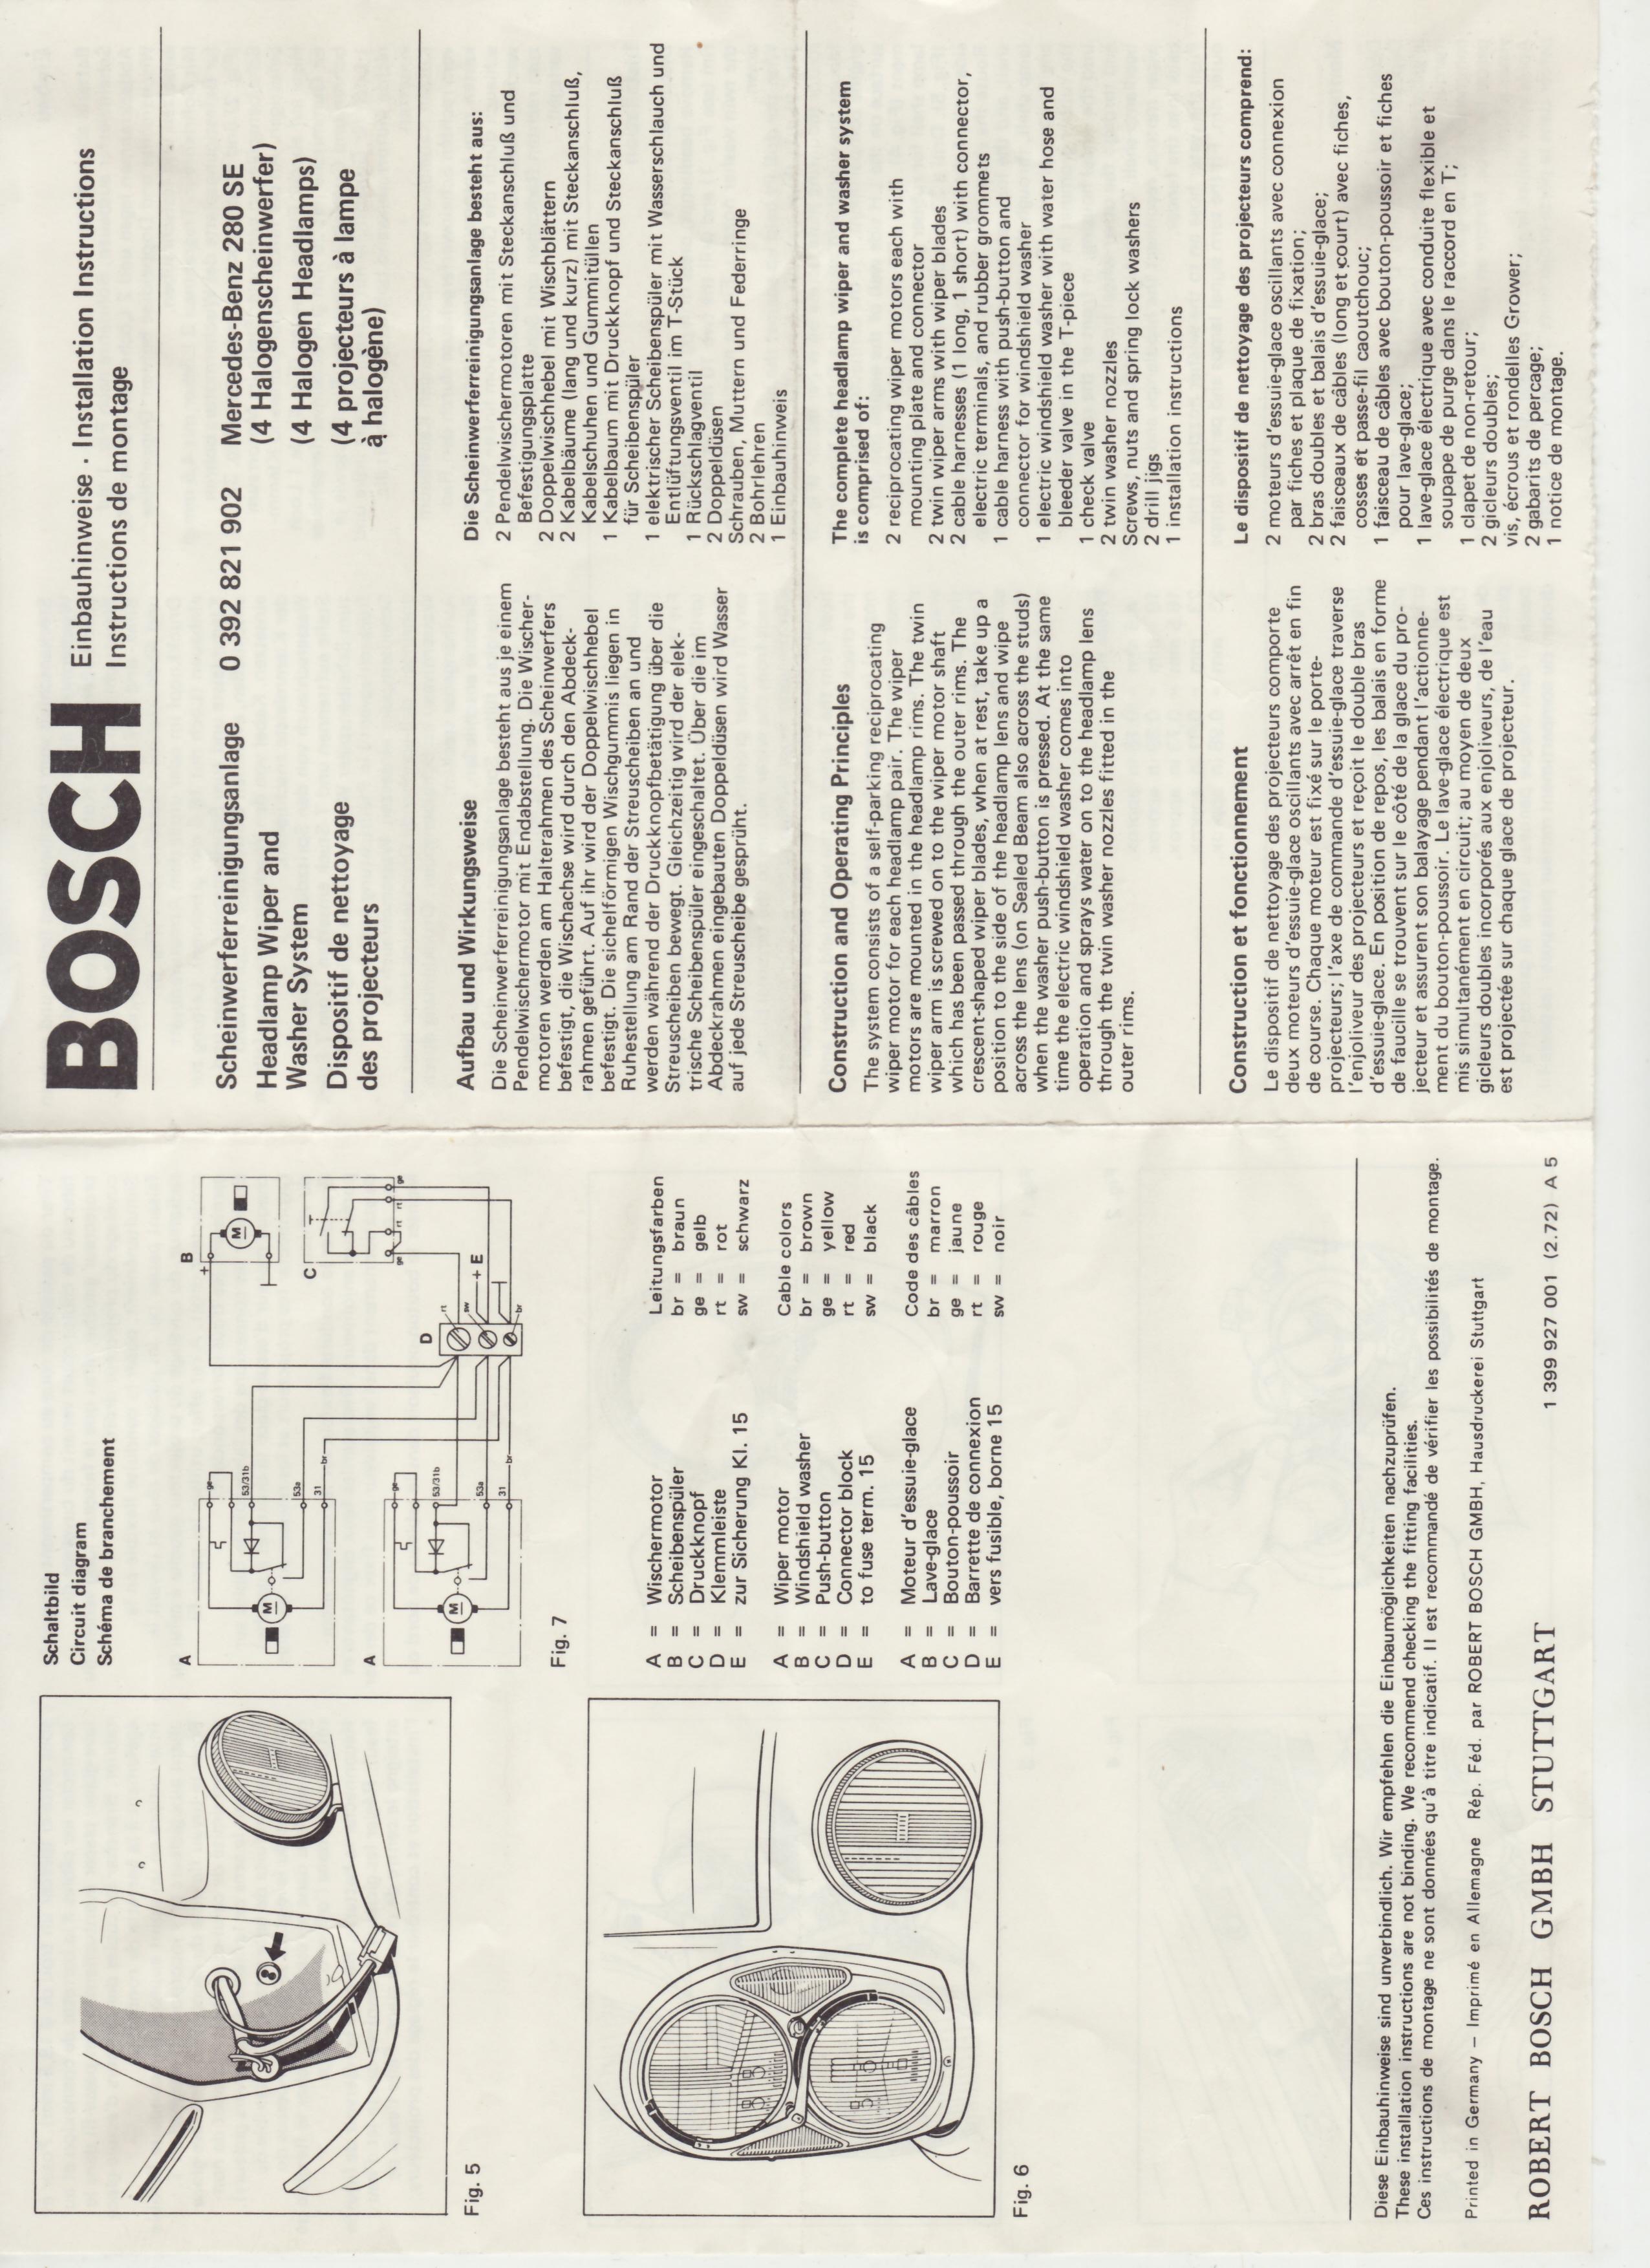 bosch scheinwerferreinigungsanlage einbauanleitung vdh. Black Bedroom Furniture Sets. Home Design Ideas